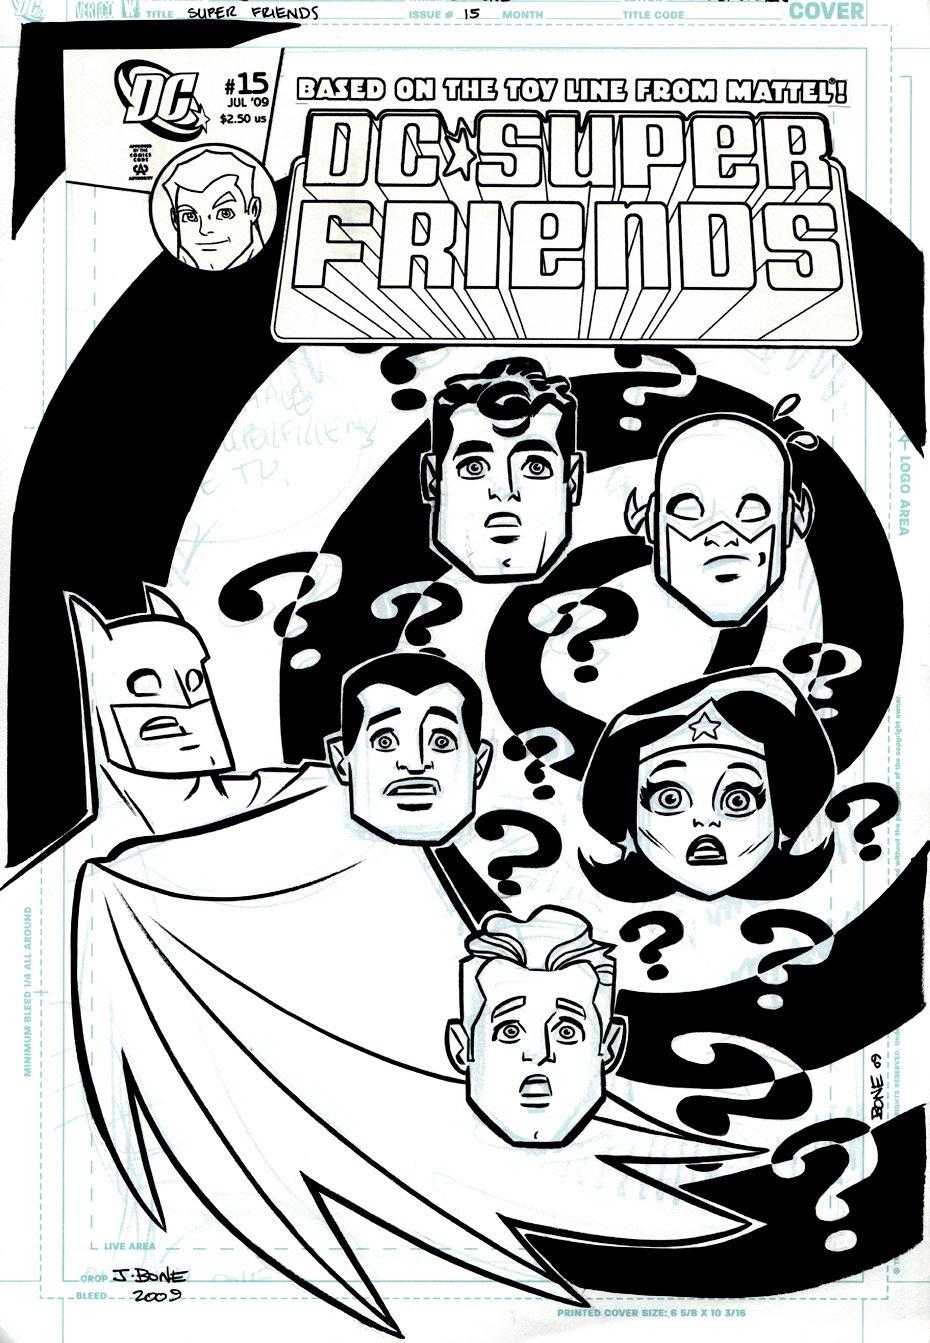 Super Friends #15 Cover (2009)